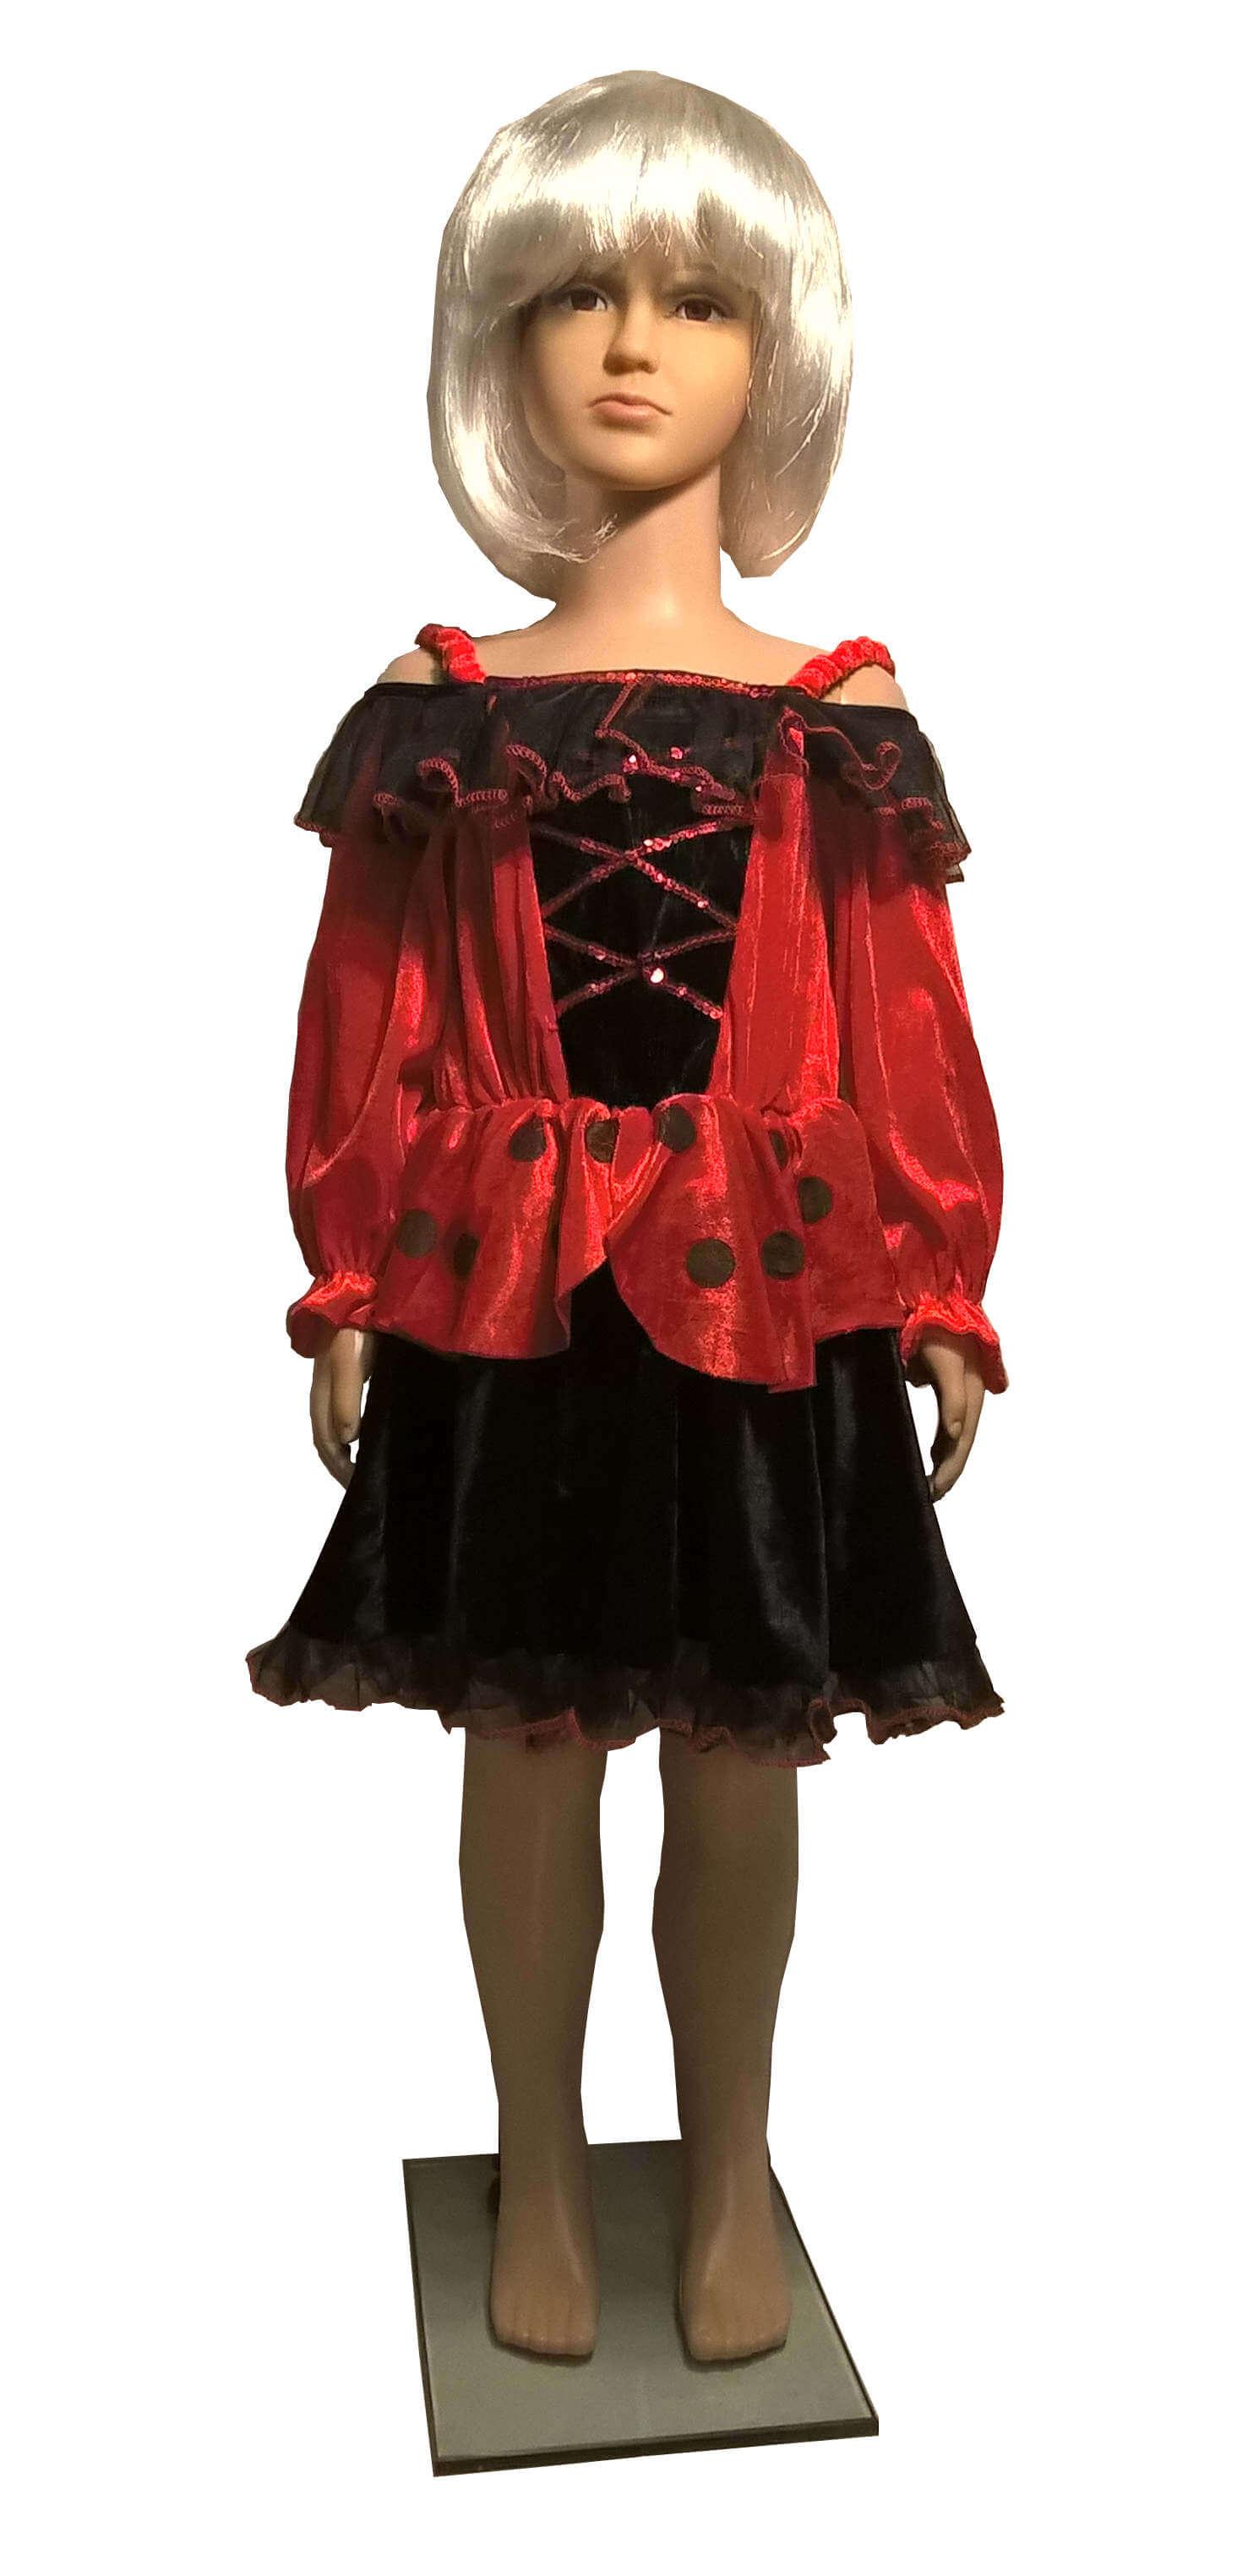 Boružėlės kostiumas. Kaina 13 Eur.